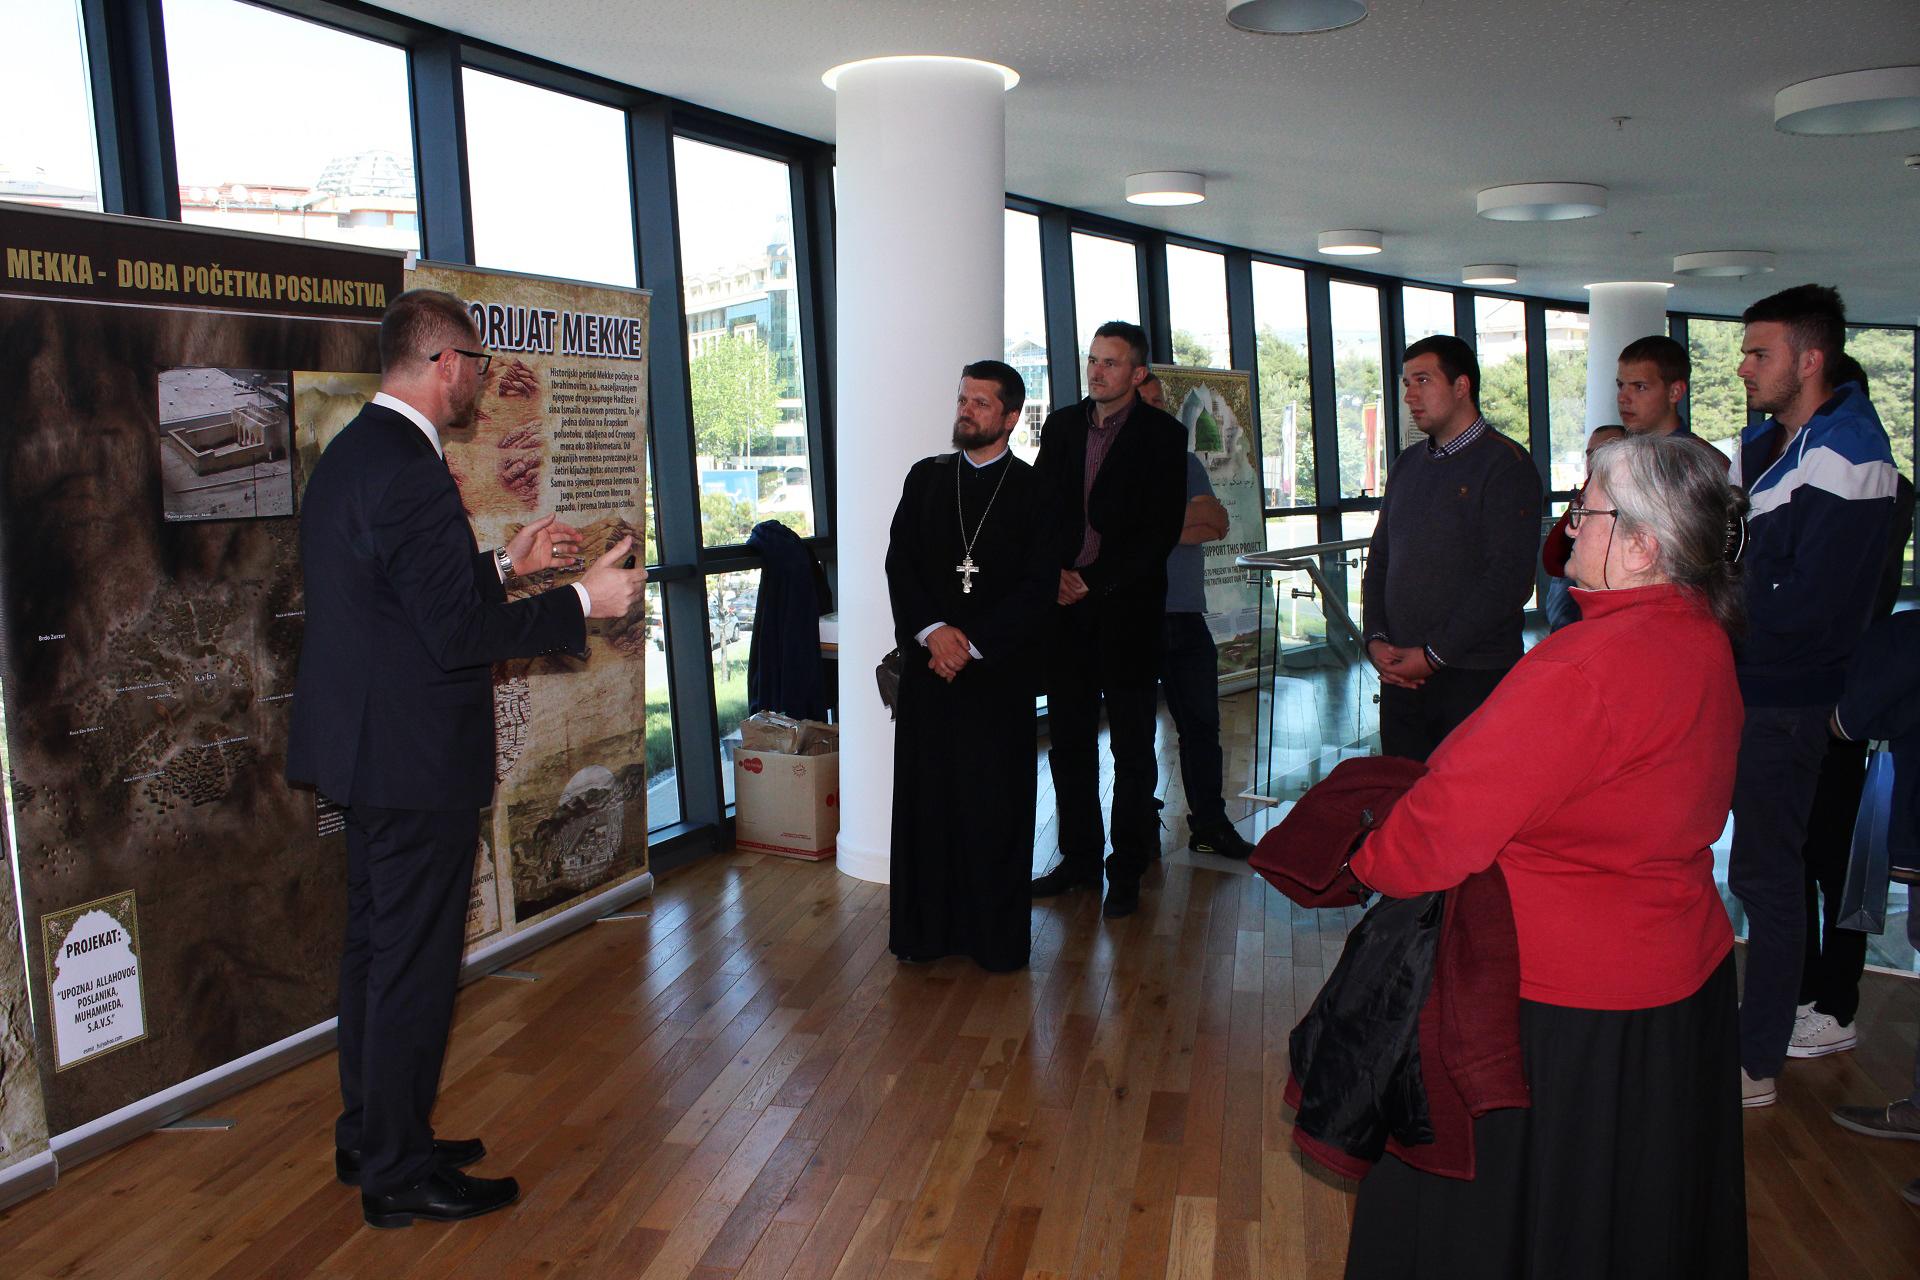 Naš Muzej o Allahovom Poslaniku, alejhiselam, je ugostio i pravoslavnu bogosloviju iz Cetinja, zajedno sa rektorom njihovog univerziteta.